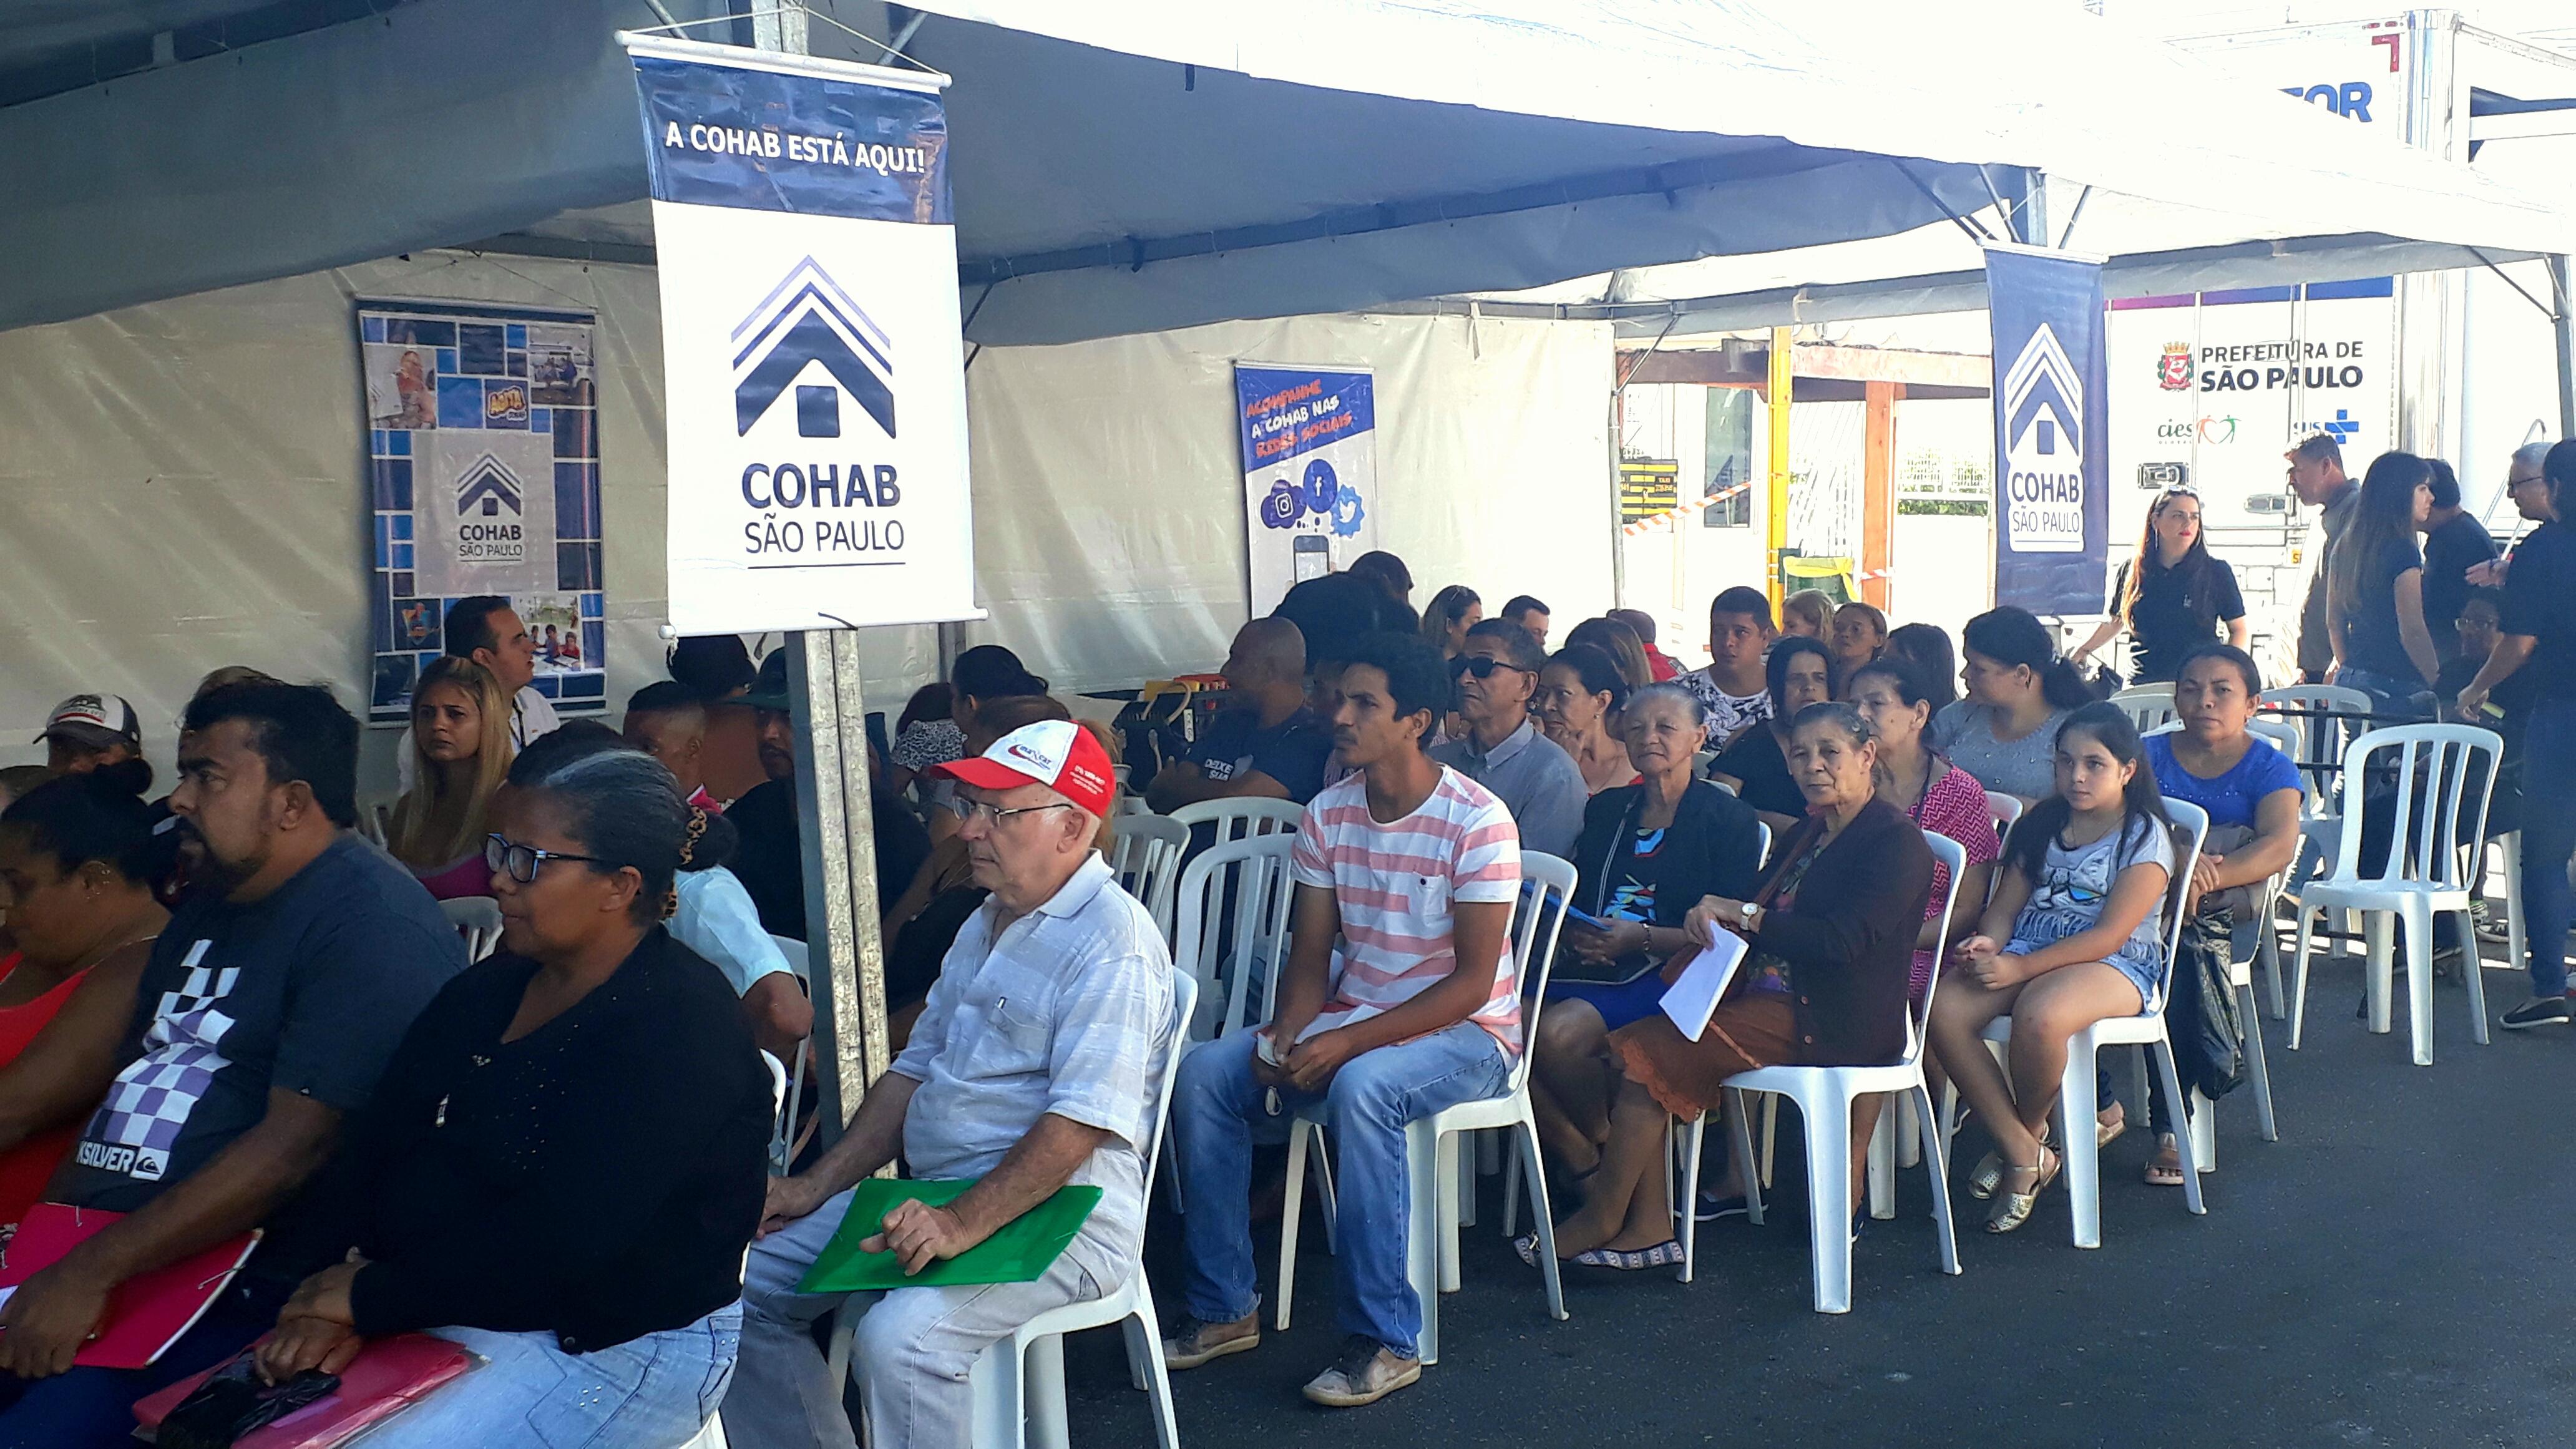 Mutuários convocados para entrega de TQs, assinaturas de contratos e renegociações no evento